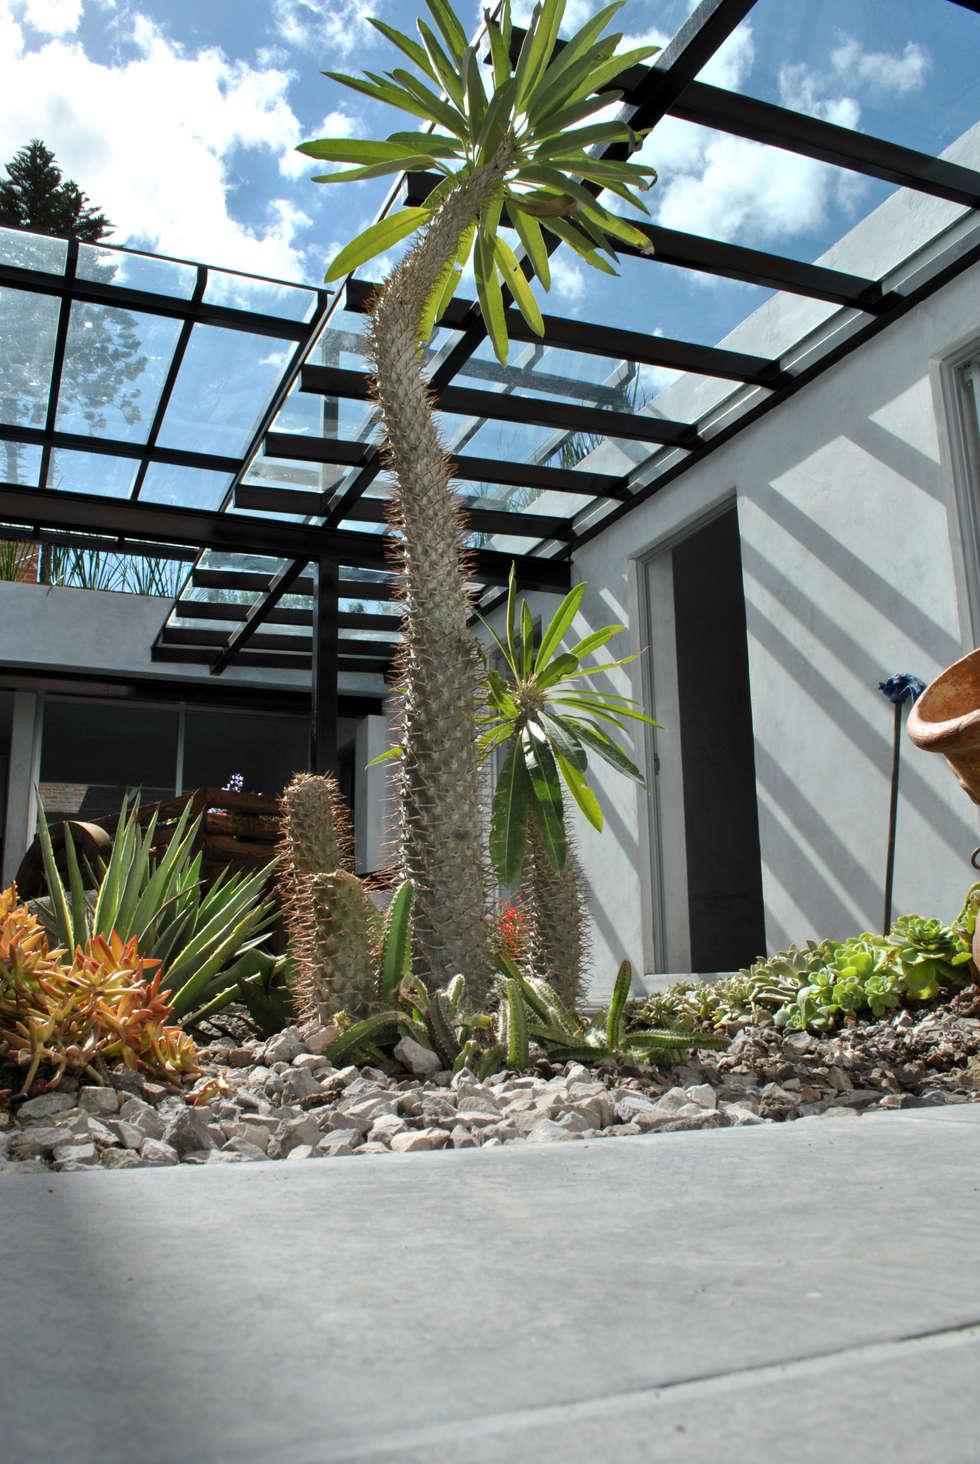 DETALLE JARDIN Y CUBIERTA : Espacios comerciales de estilo  por Novhus Oficina de Arquitectura